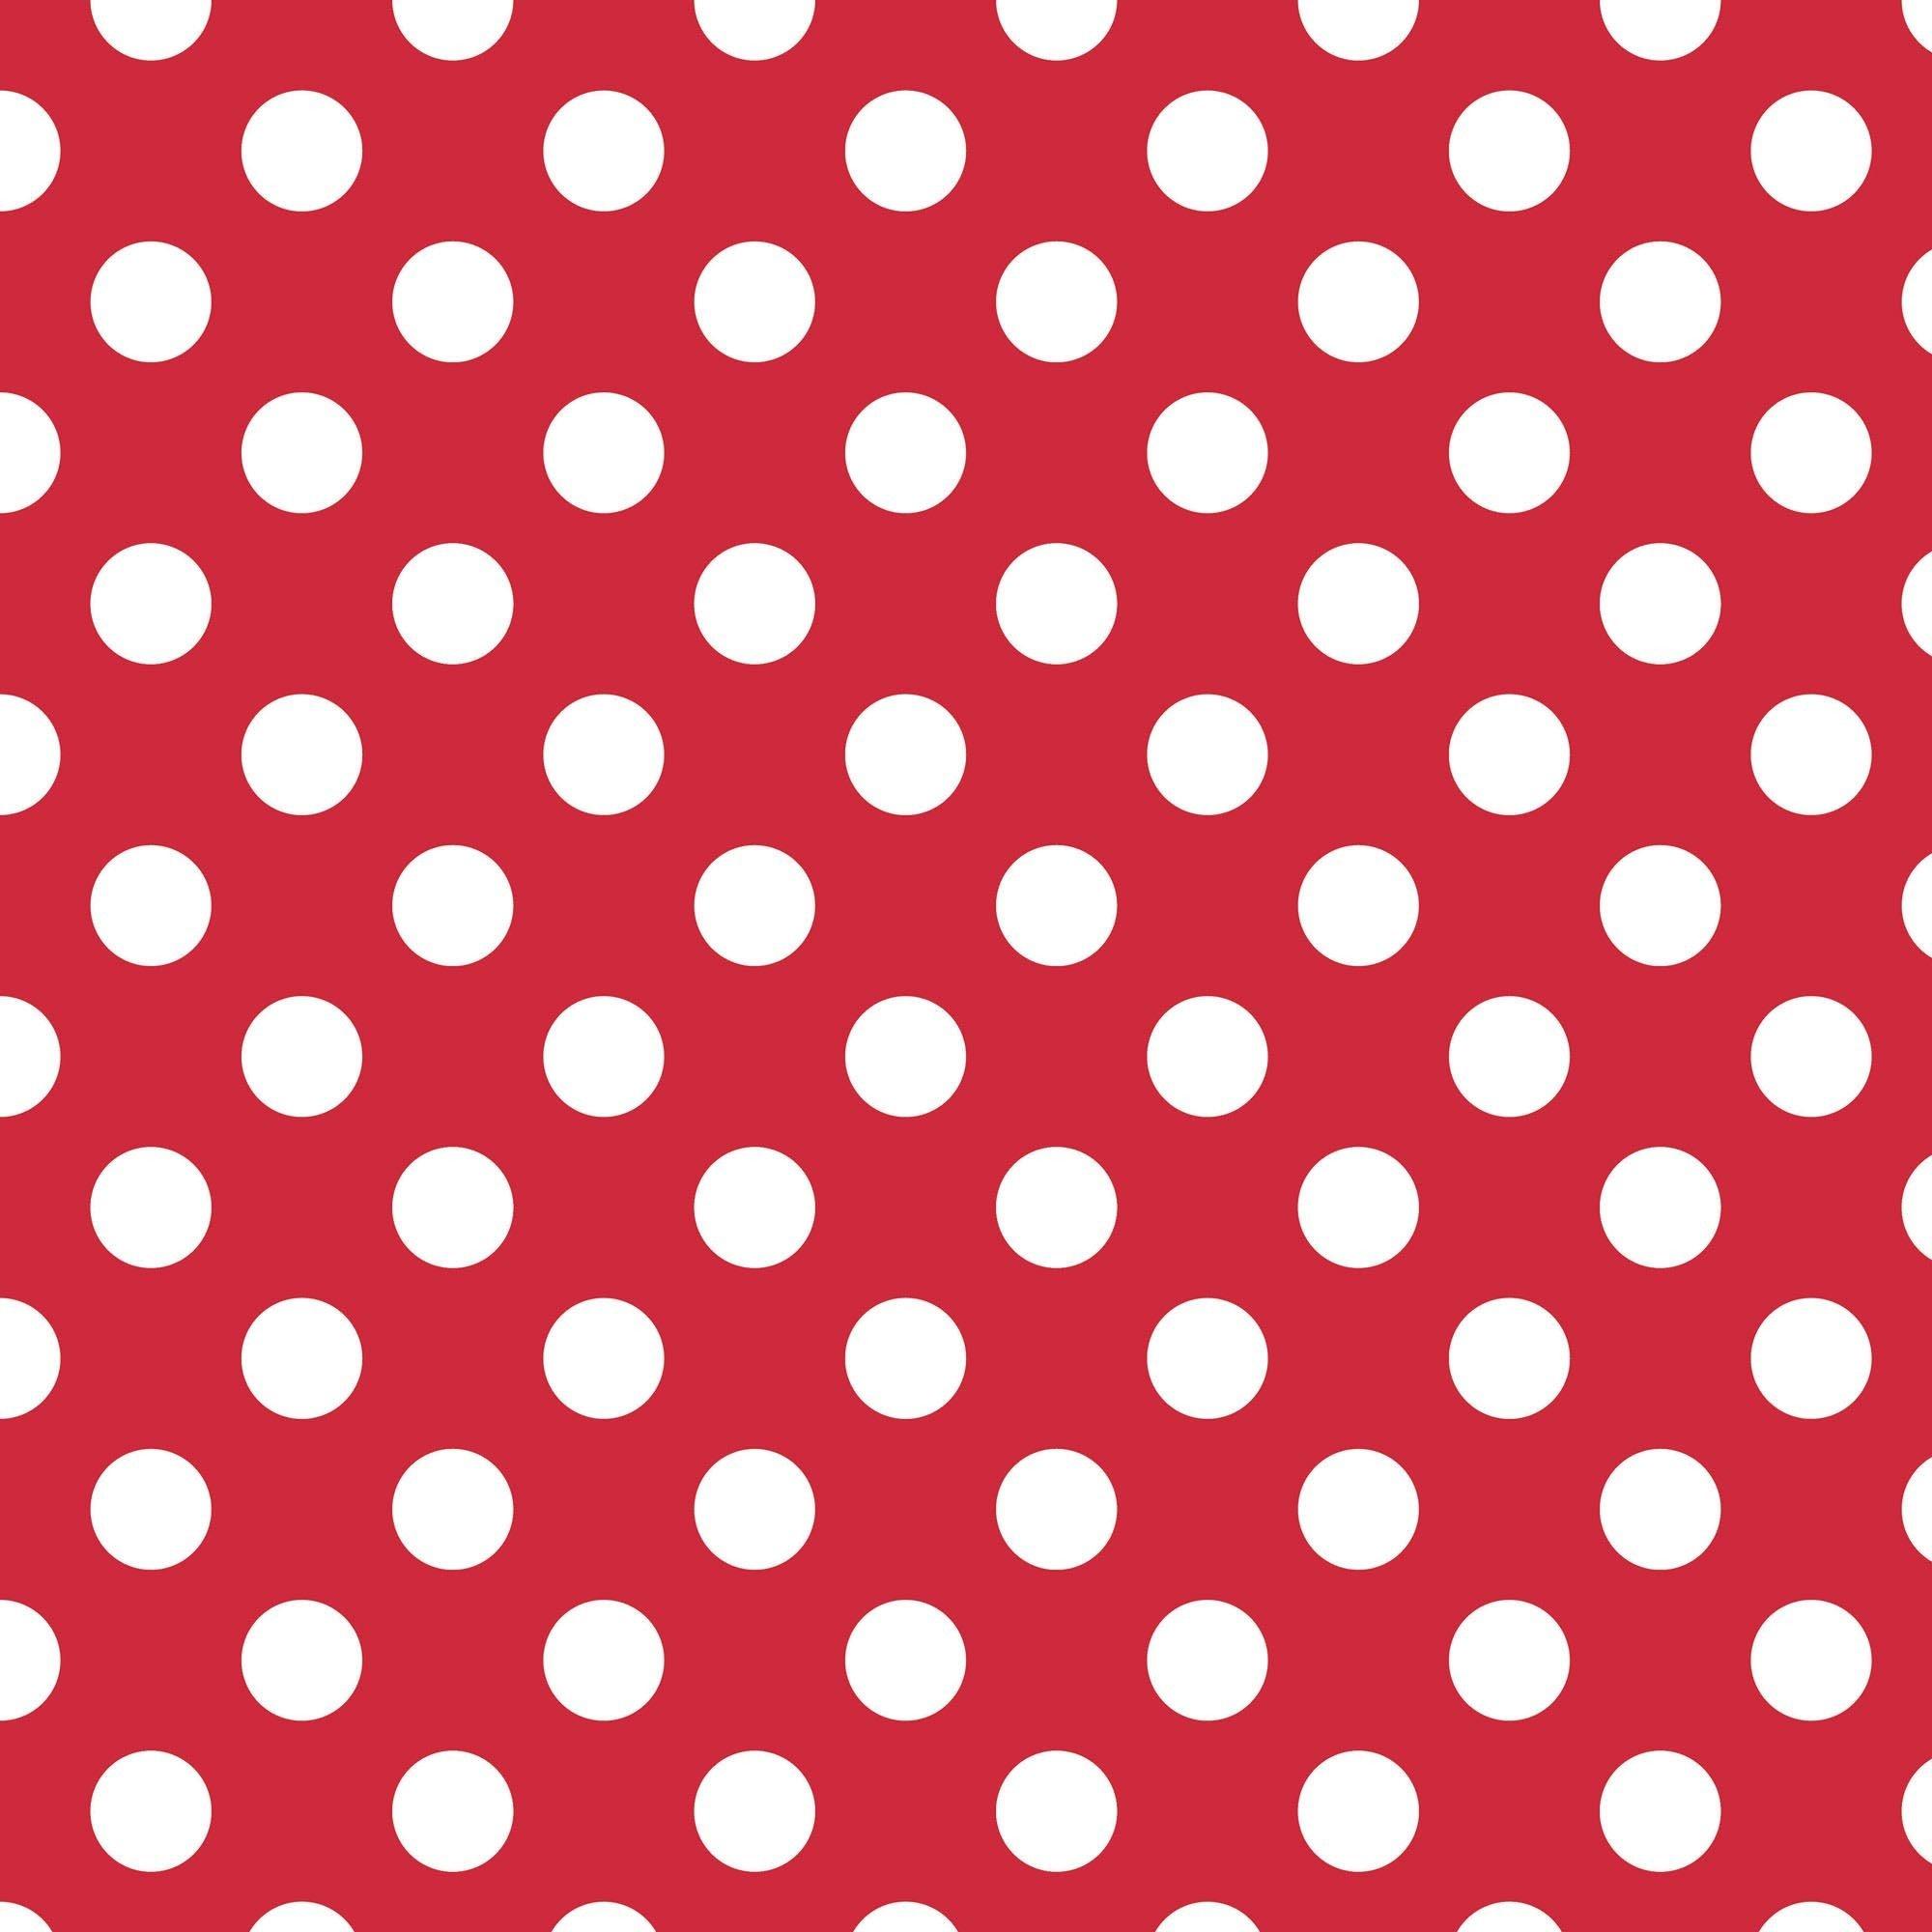 Medium Dot Red